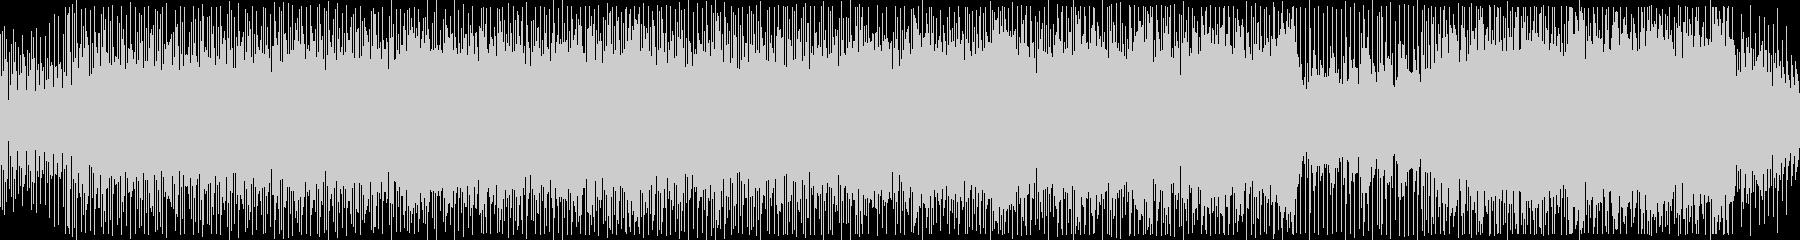 ピアノが軽快なリズムを刻むポップスBGMの未再生の波形